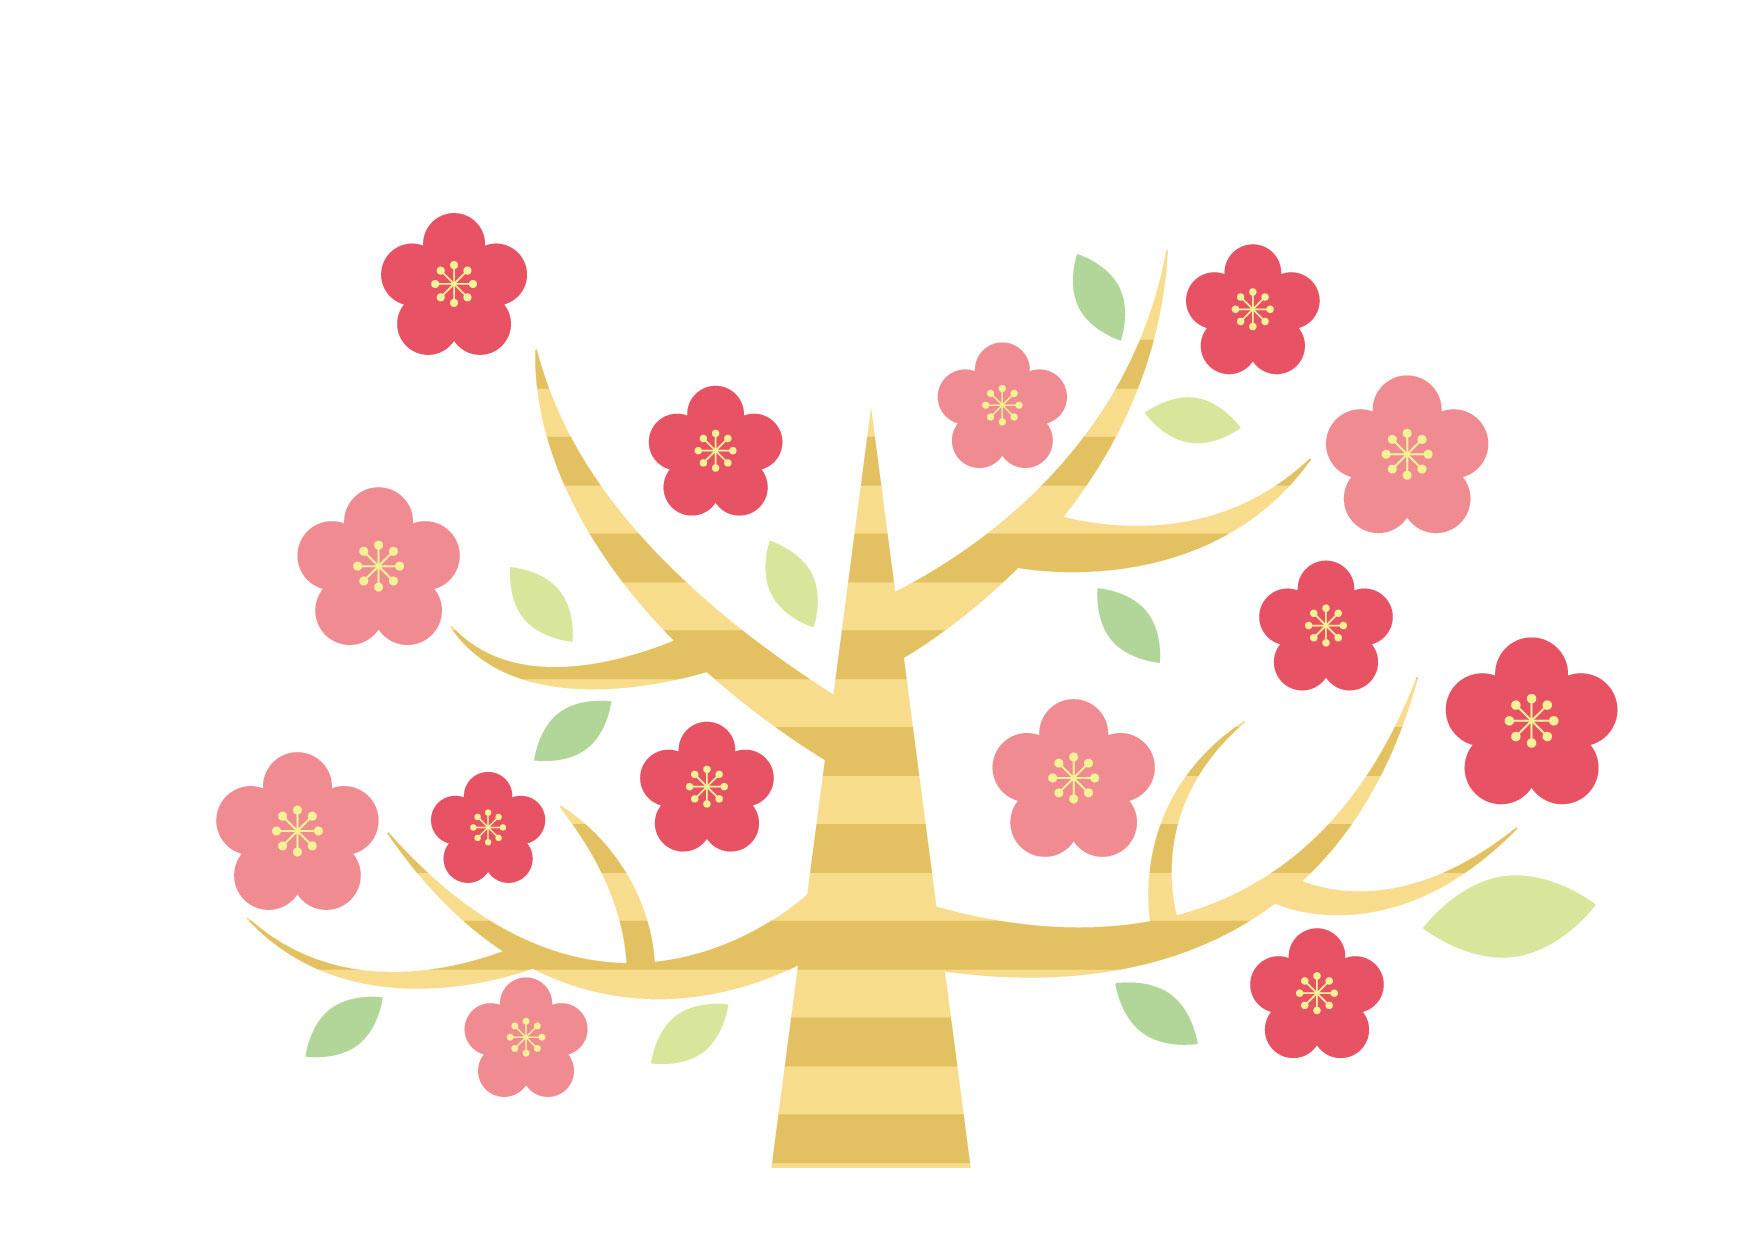 梅の木 デフォルメ イラスト 無料 | イラストダウンロード